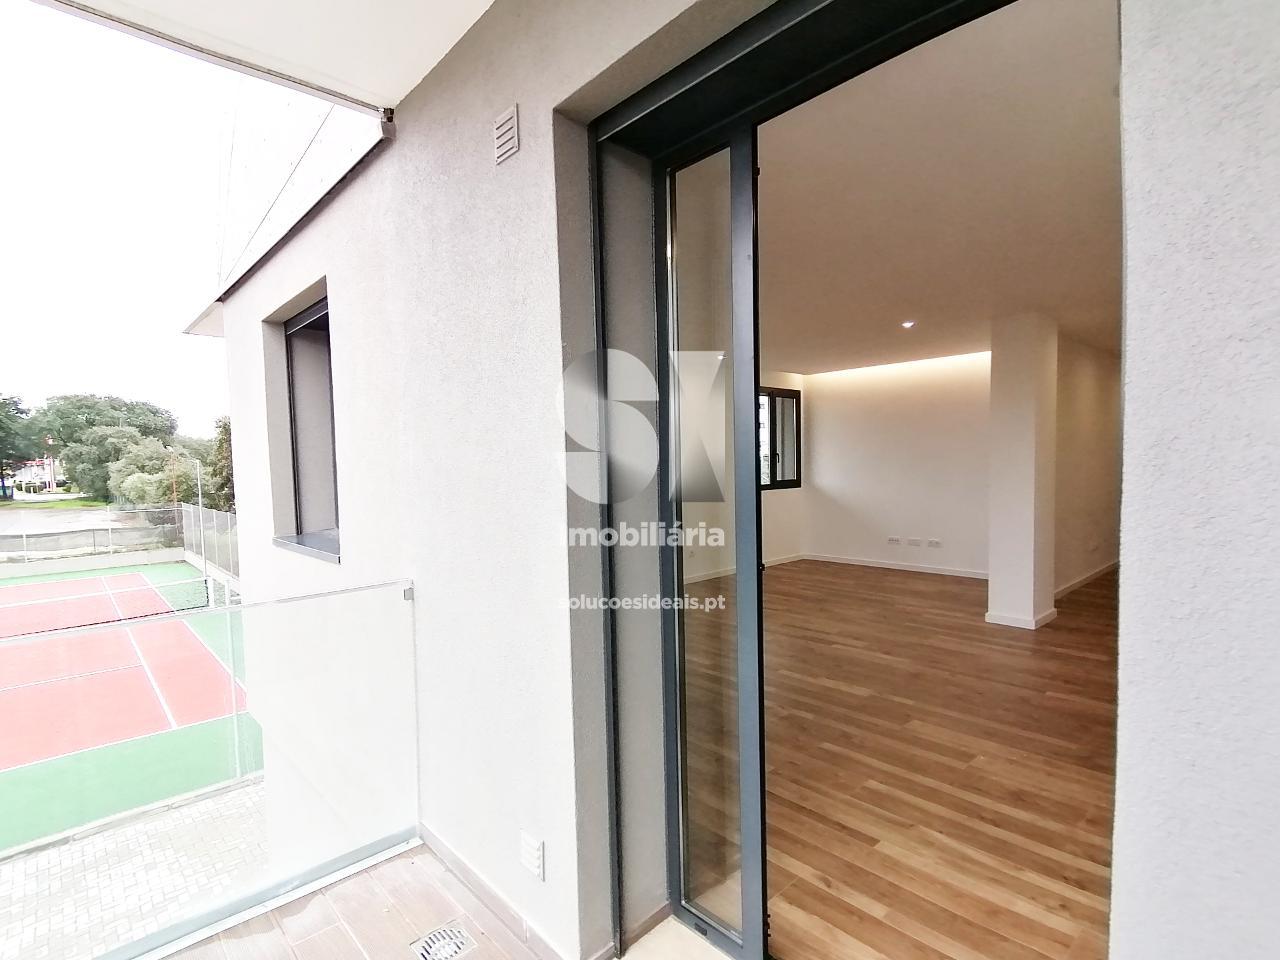 apartamento t2 para compra em ourem fatima TNVES25